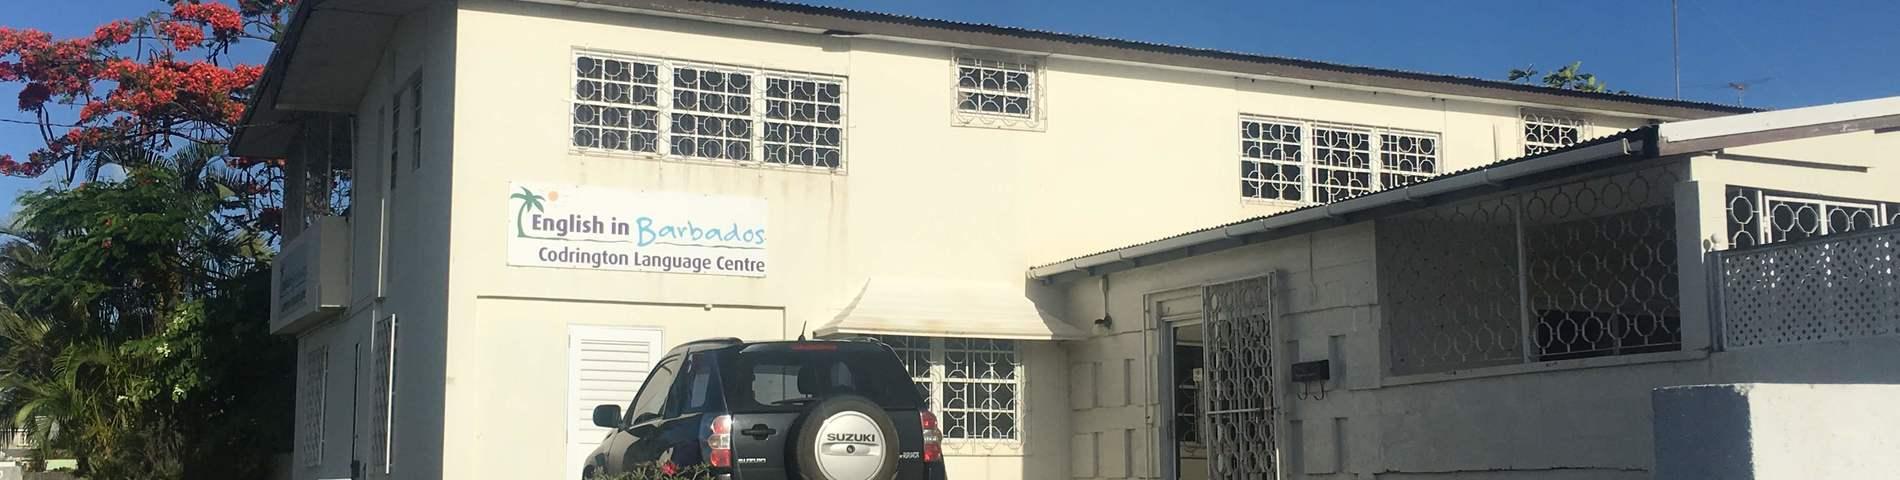 The Codrington Language Centre foto 1